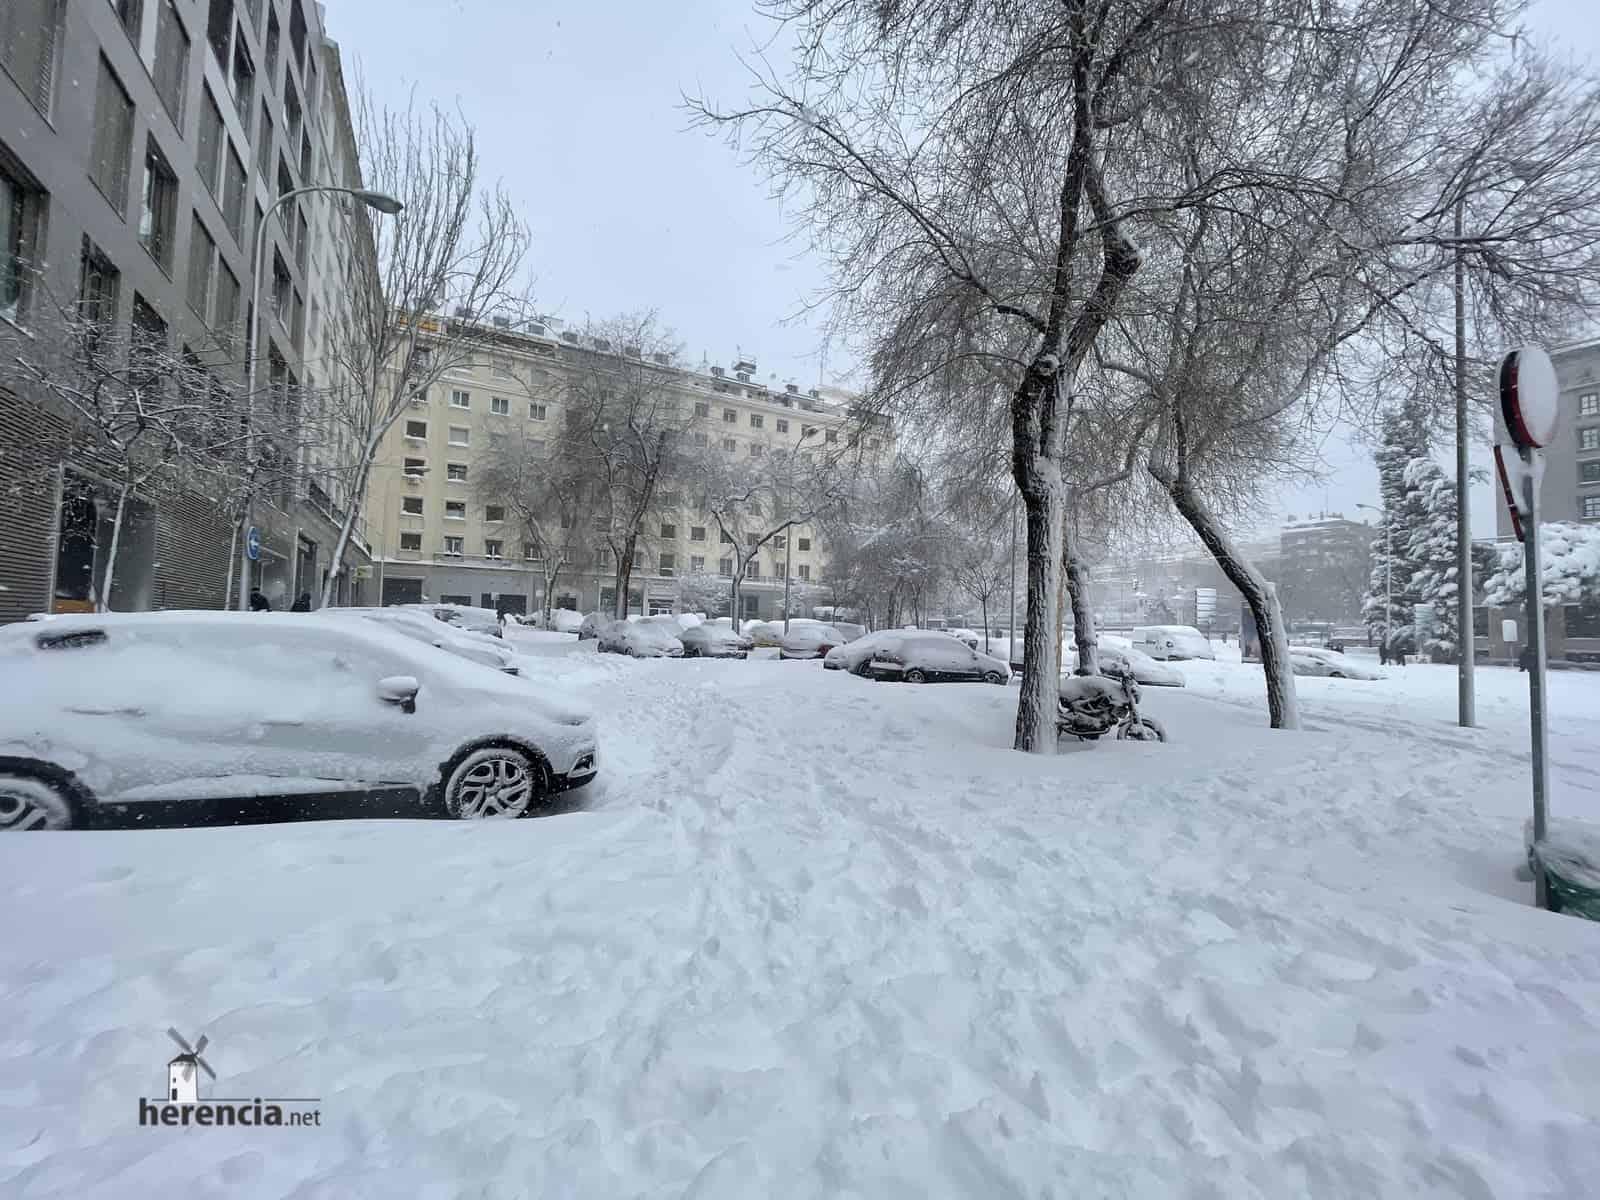 Fotografías de la nevada de enero en Madrid (España) 202